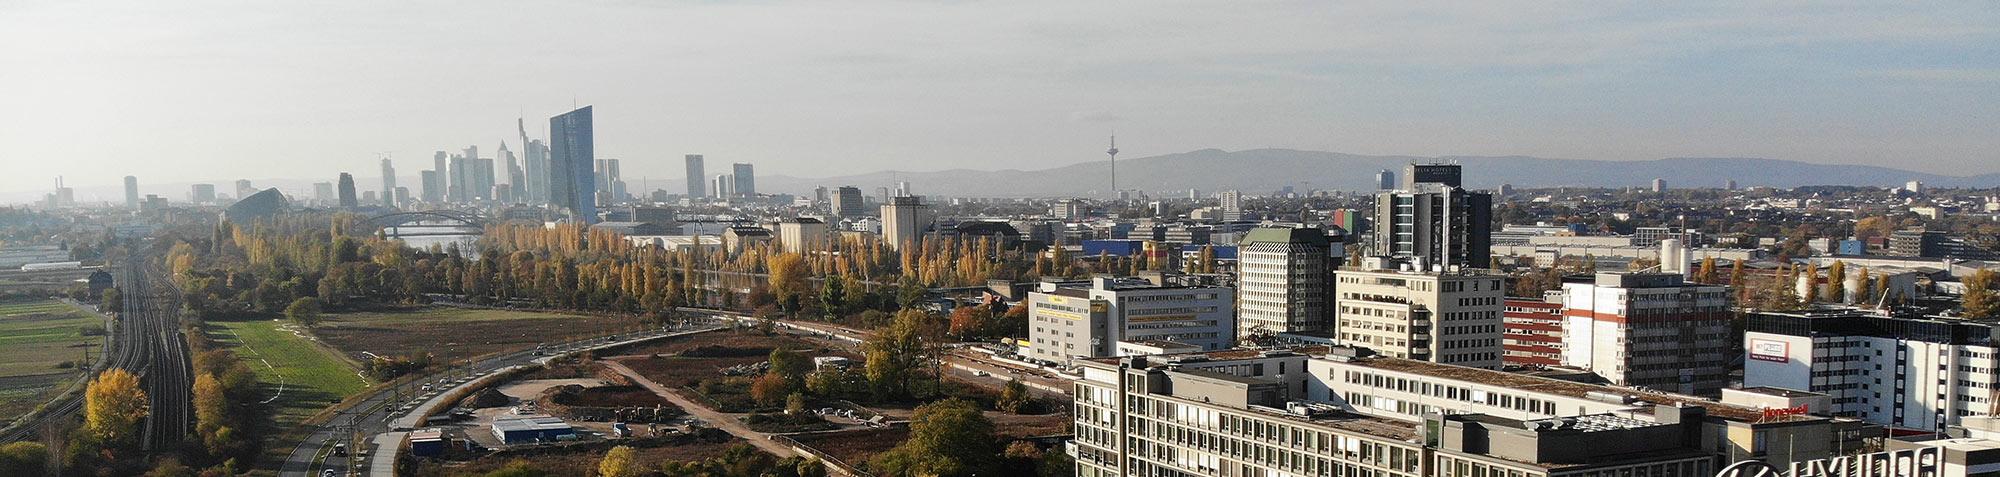 Offenbach (vorne) und Frankfurt (hinten) wachsen zusammen: Hochhäuser dominieren zunehmend den urbanen Raum